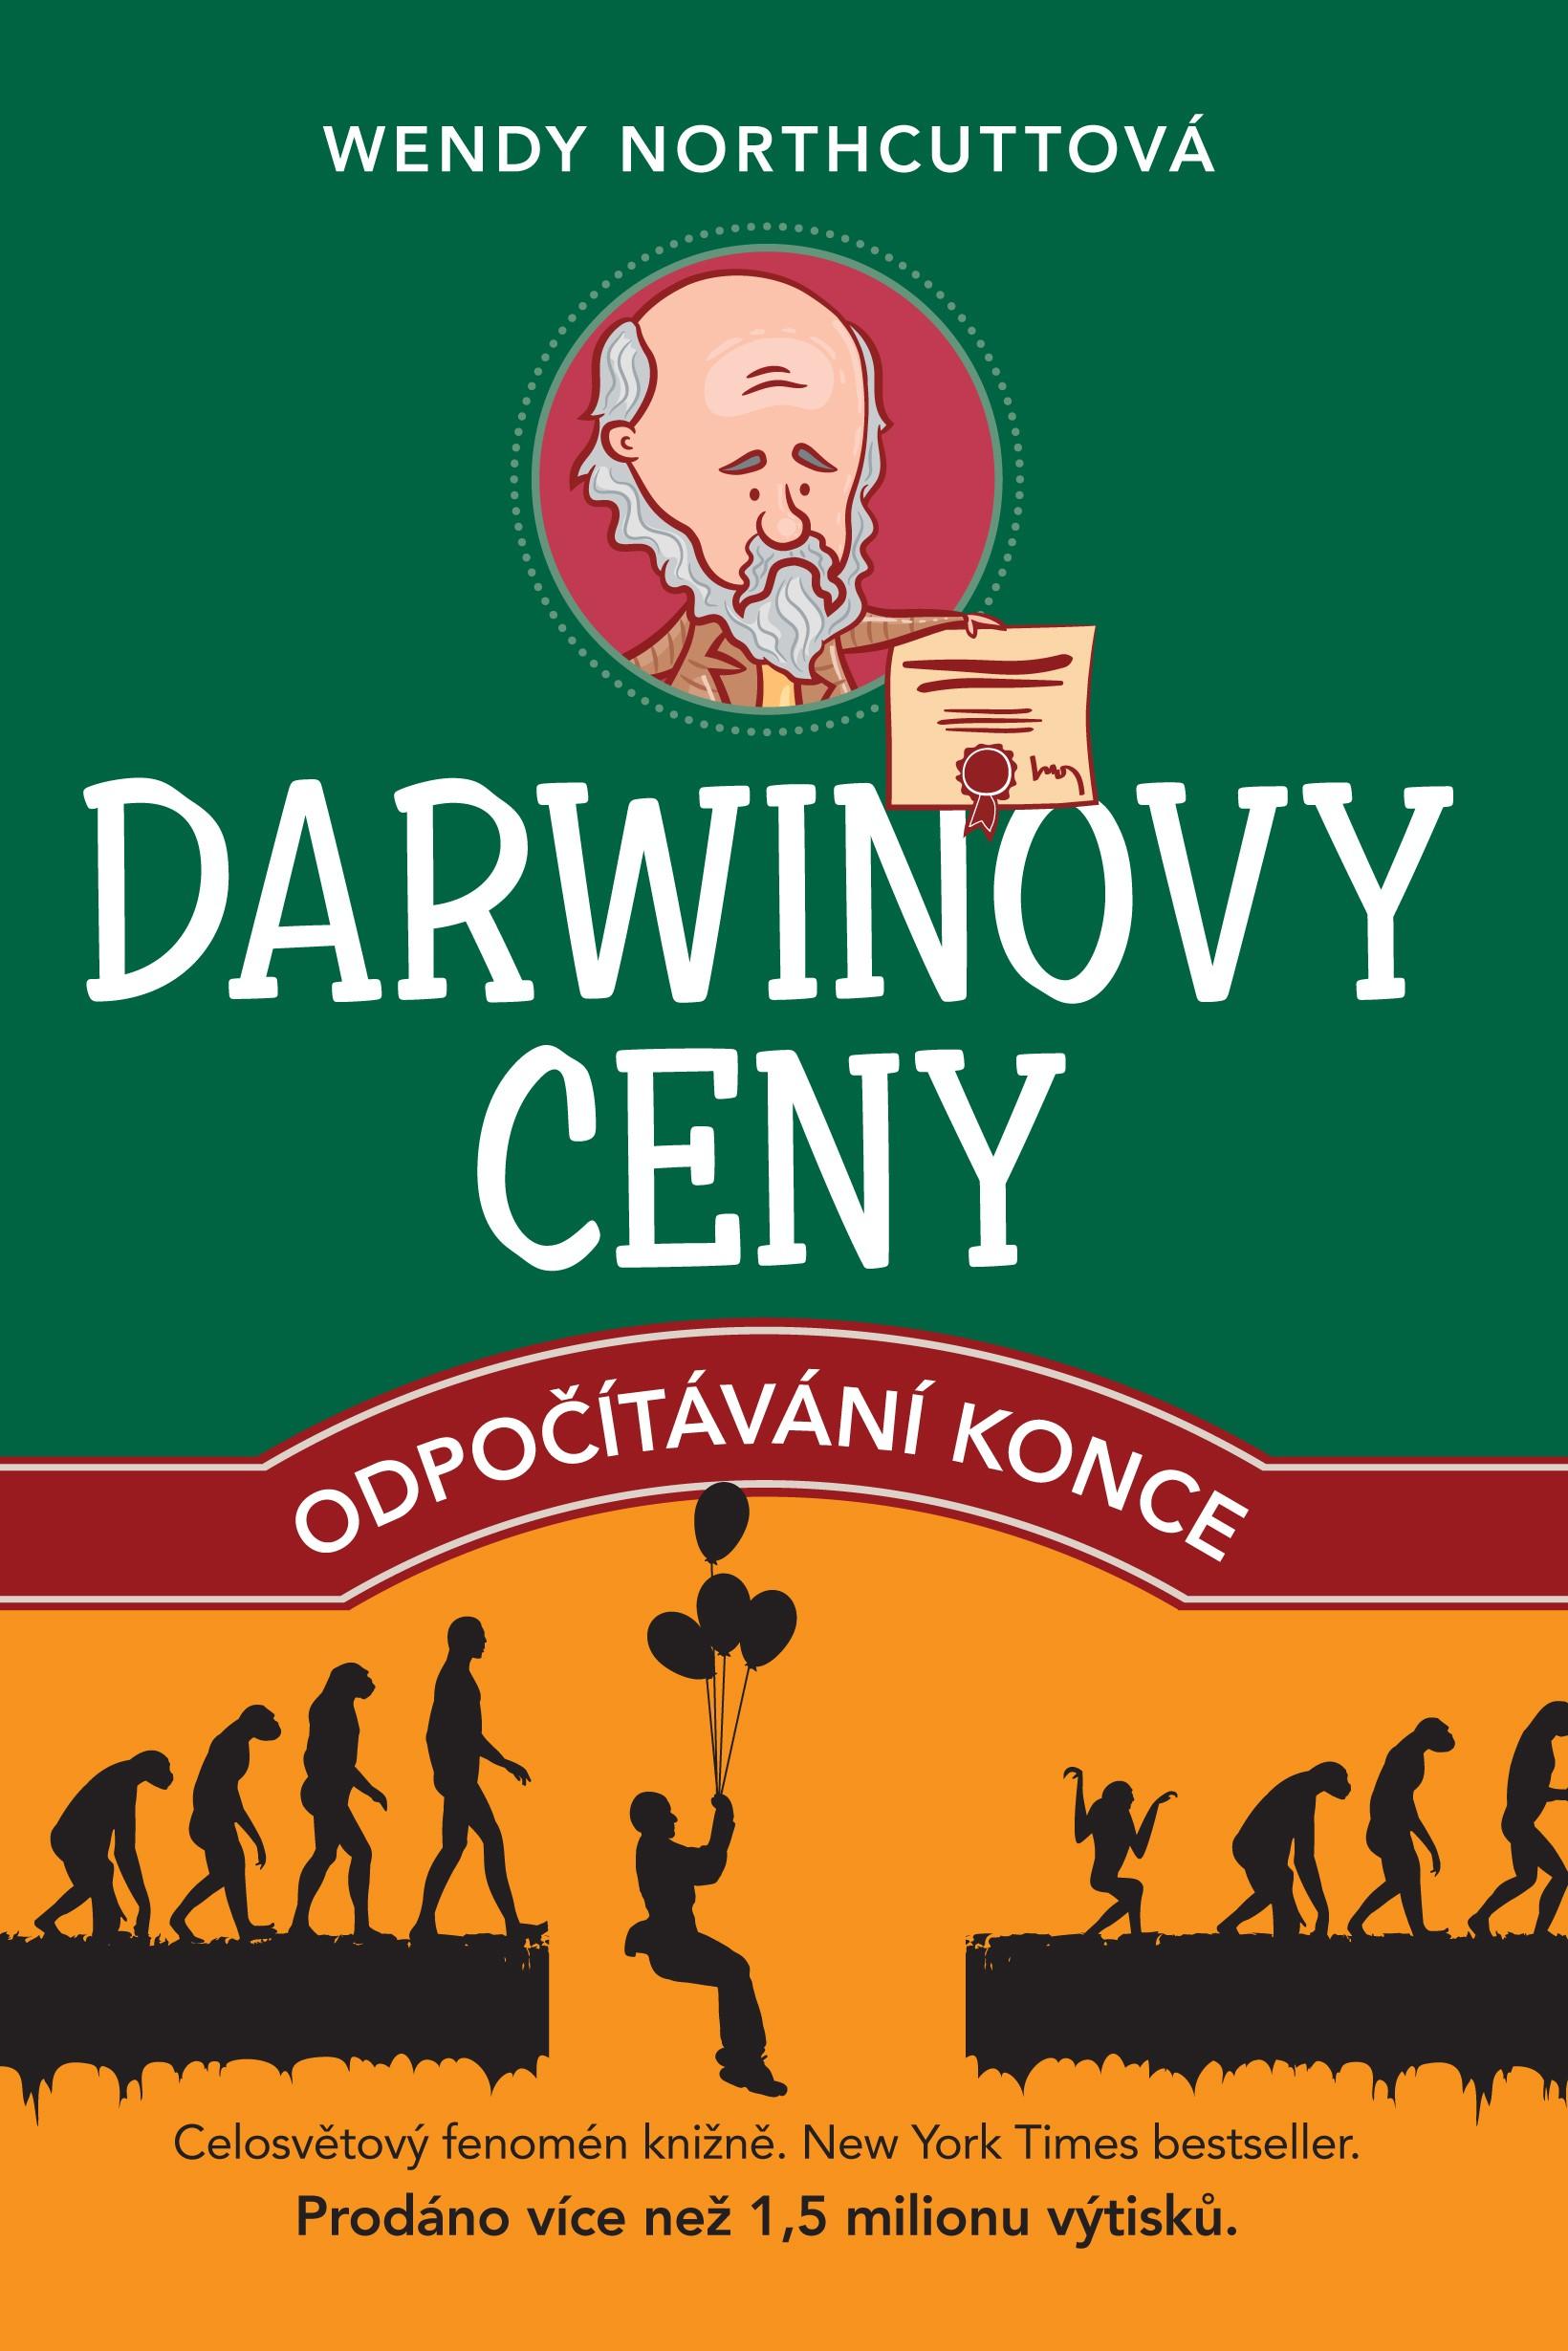 Darwinovy ceny: odpočítávání konce